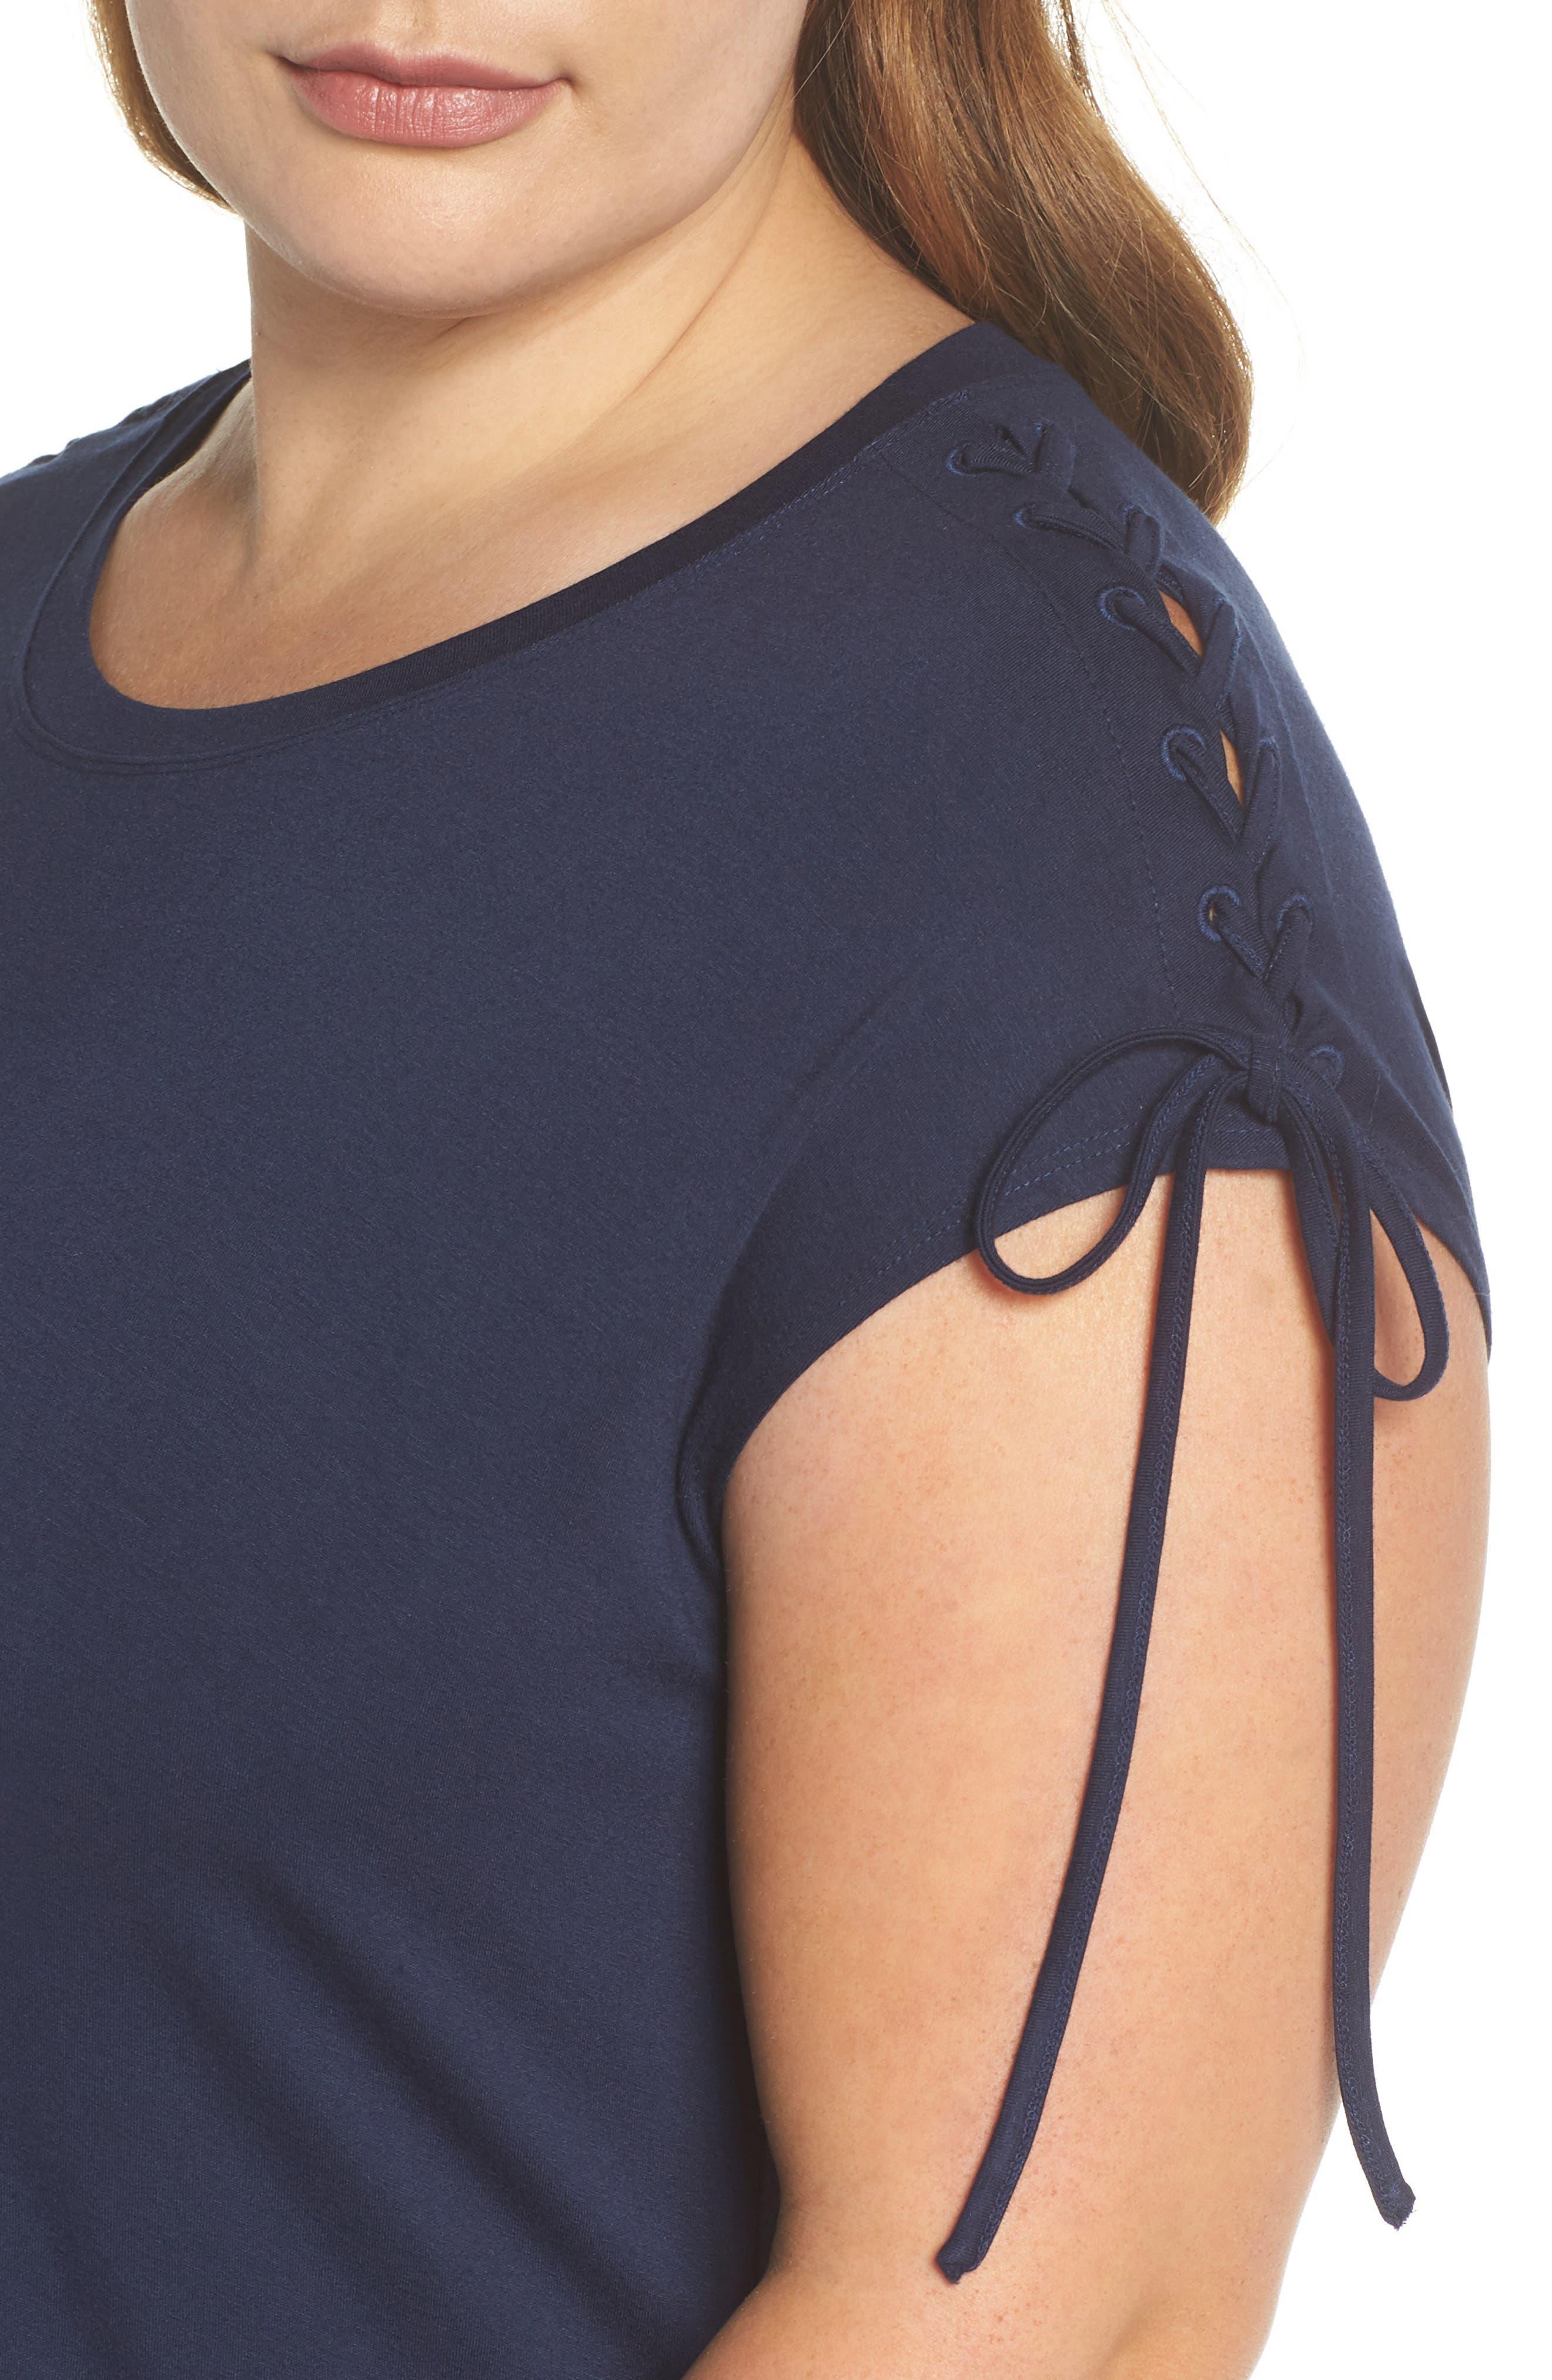 VINCE CAMUTO,                             Lace-Up Shoulder T-Shirt Dress,                             Alternate thumbnail 5, color,                             461